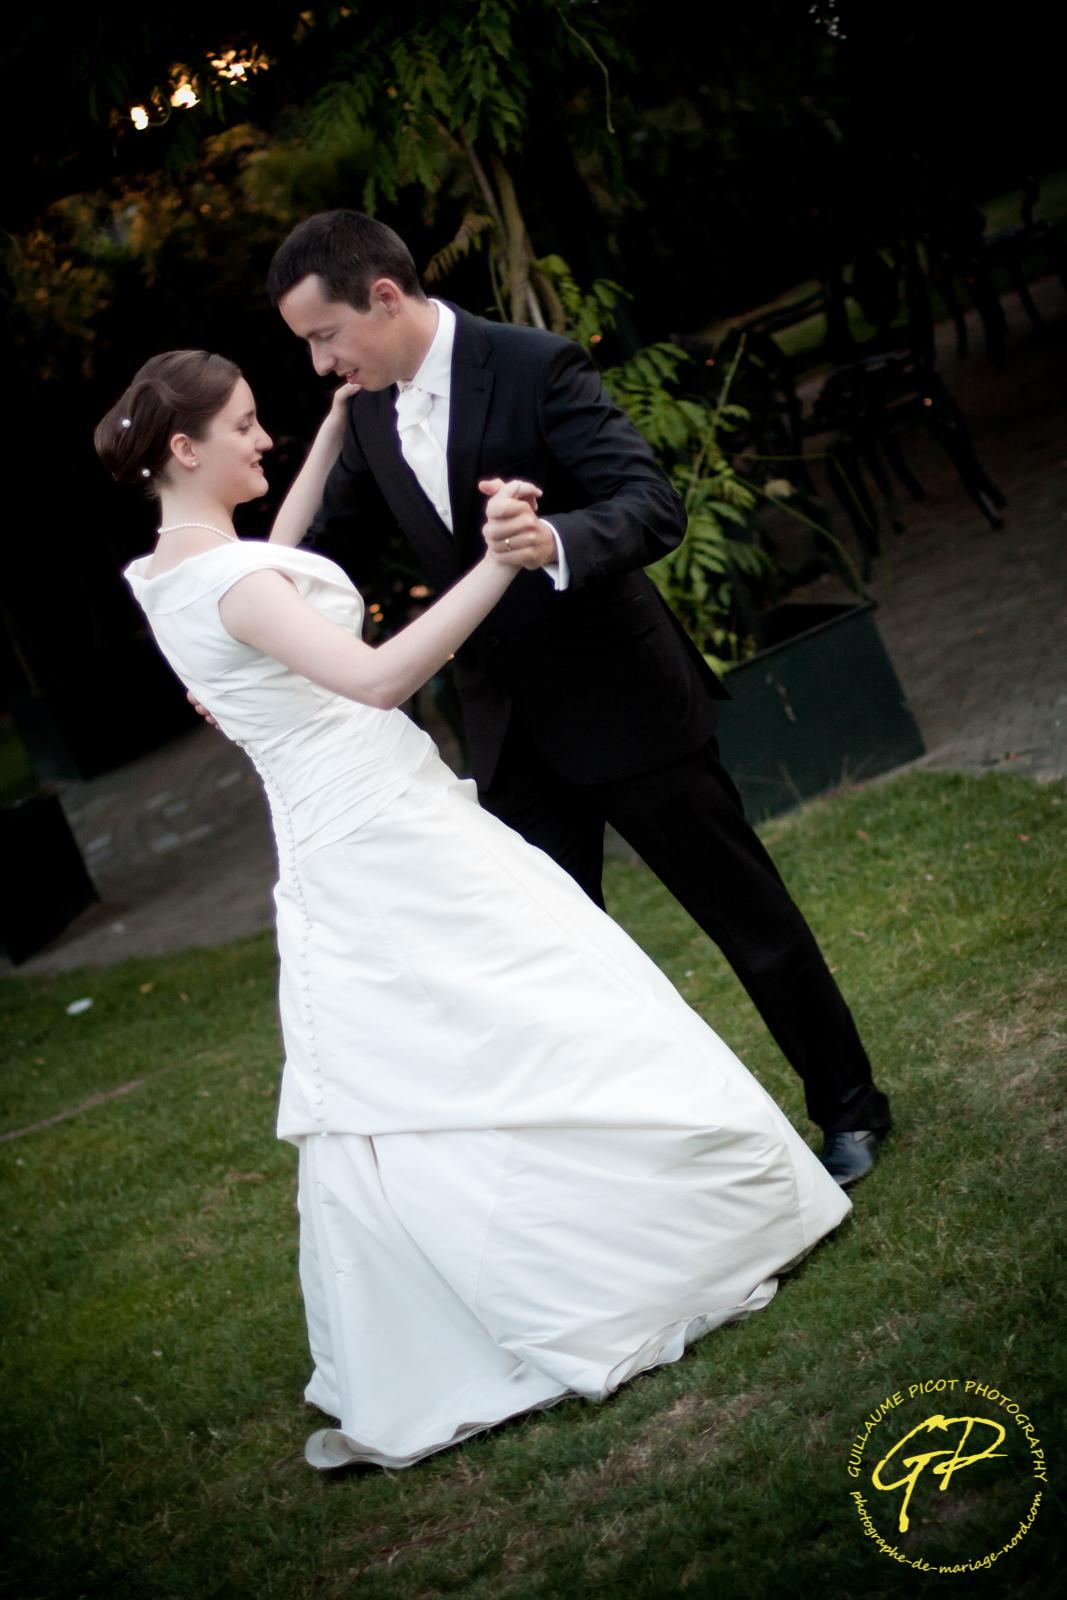 mariage ferme du reposoir kain-8779